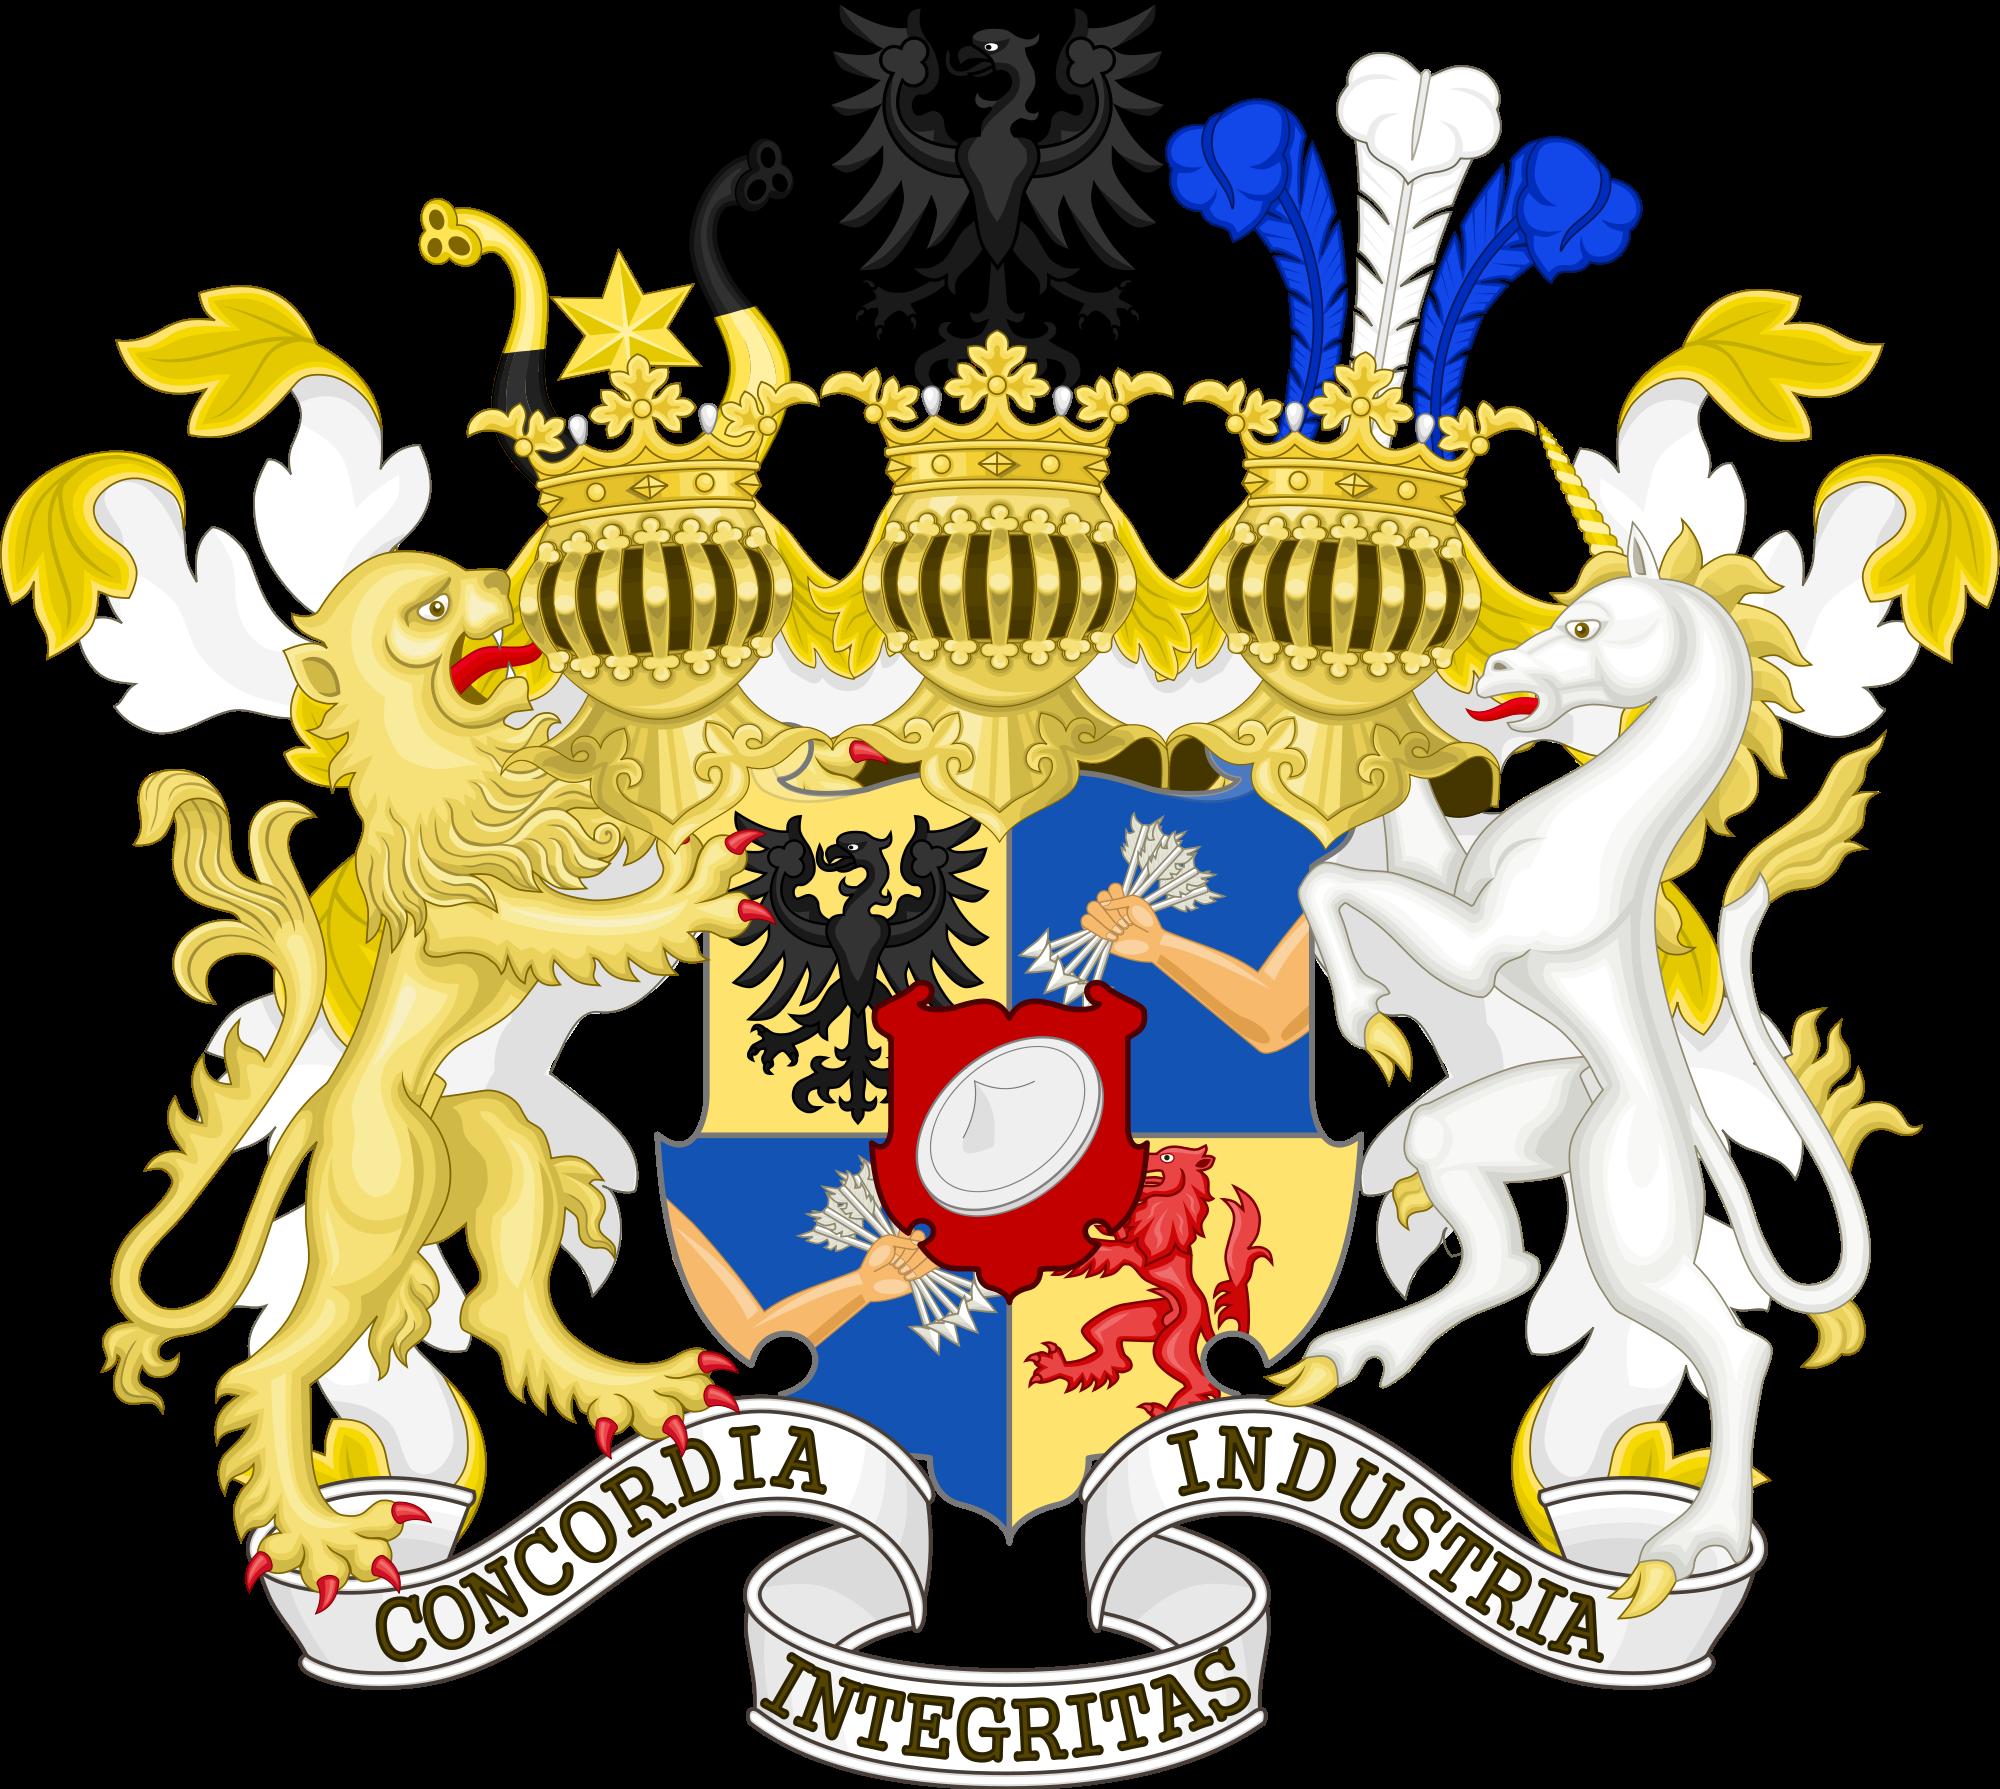 https://en.wikipedia.org/wiki/Rothschild_family